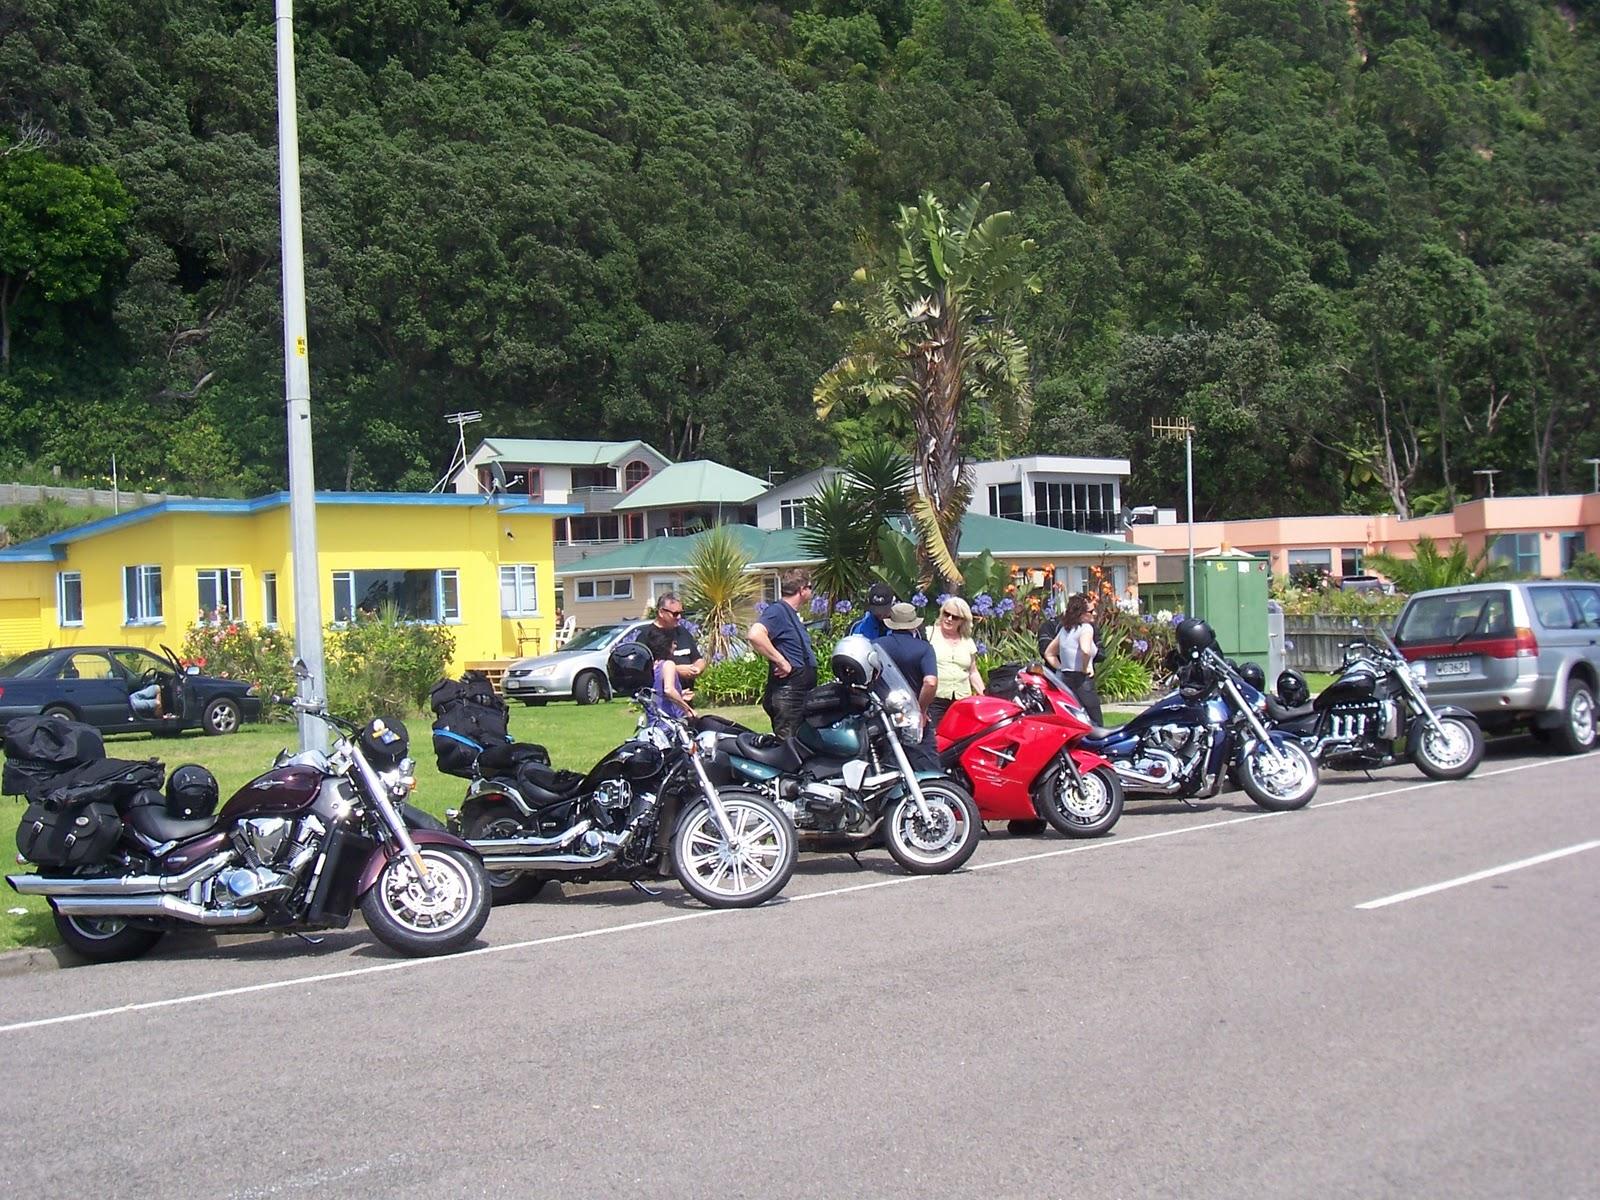 http://4.bp.blogspot.com/_2MFO65kzOno/TSQctZKeV4I/AAAAAAAAARk/m-EKIa4Uu58/s1600/East+Cape+2010+009.jpg